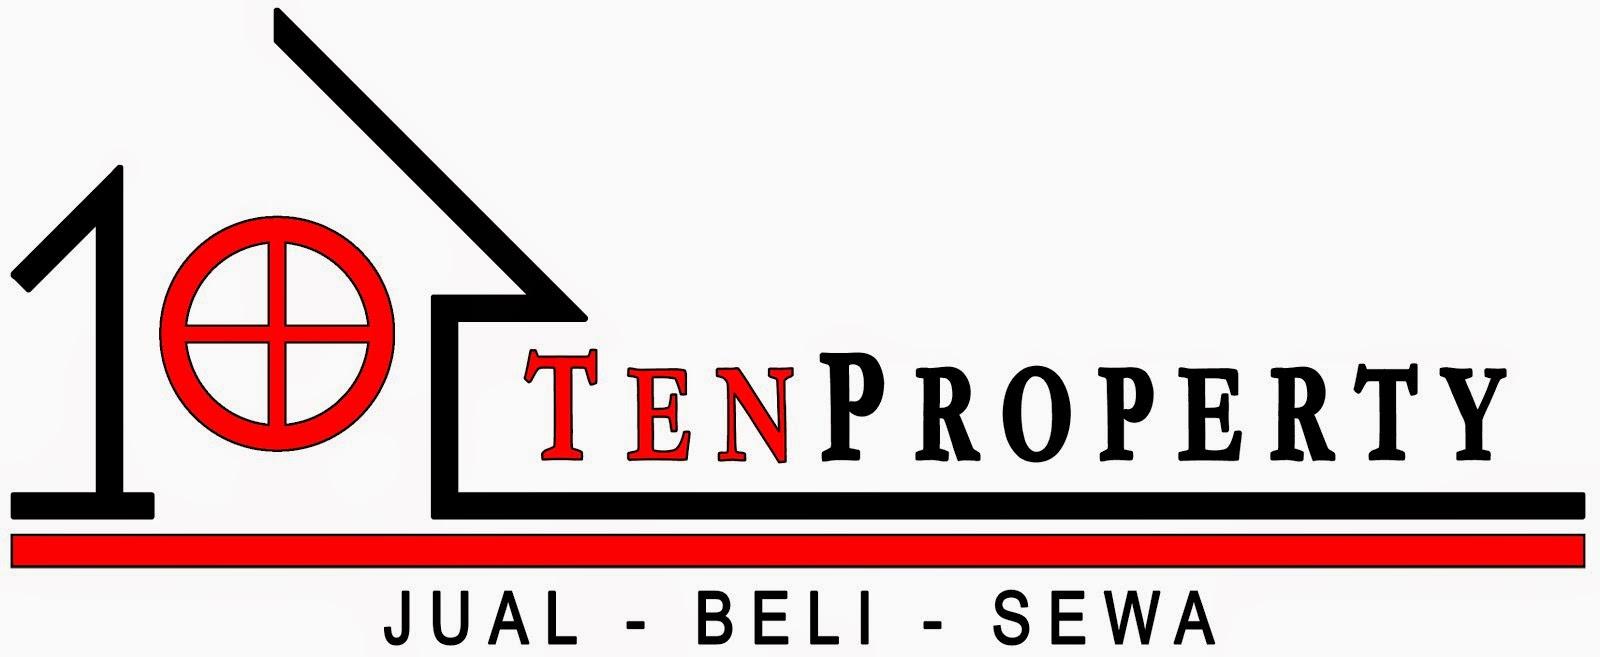 TenProperty